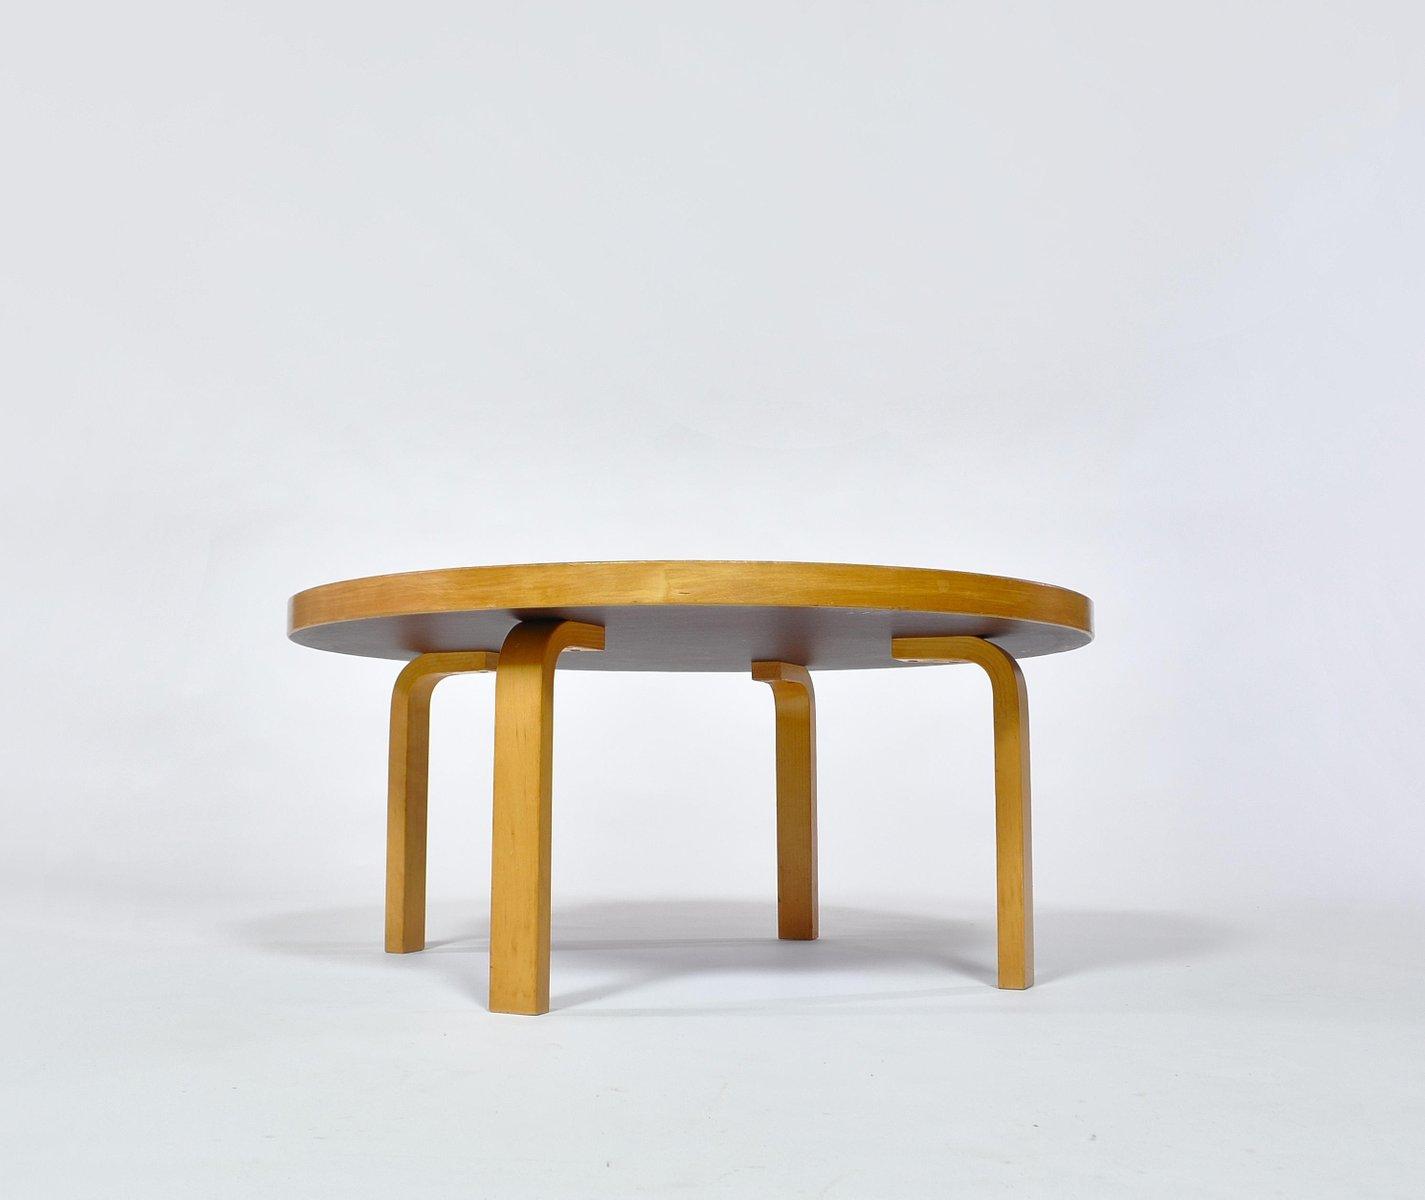 Tavolo Pranzo Rotondo In Legno E Linoleum  2022